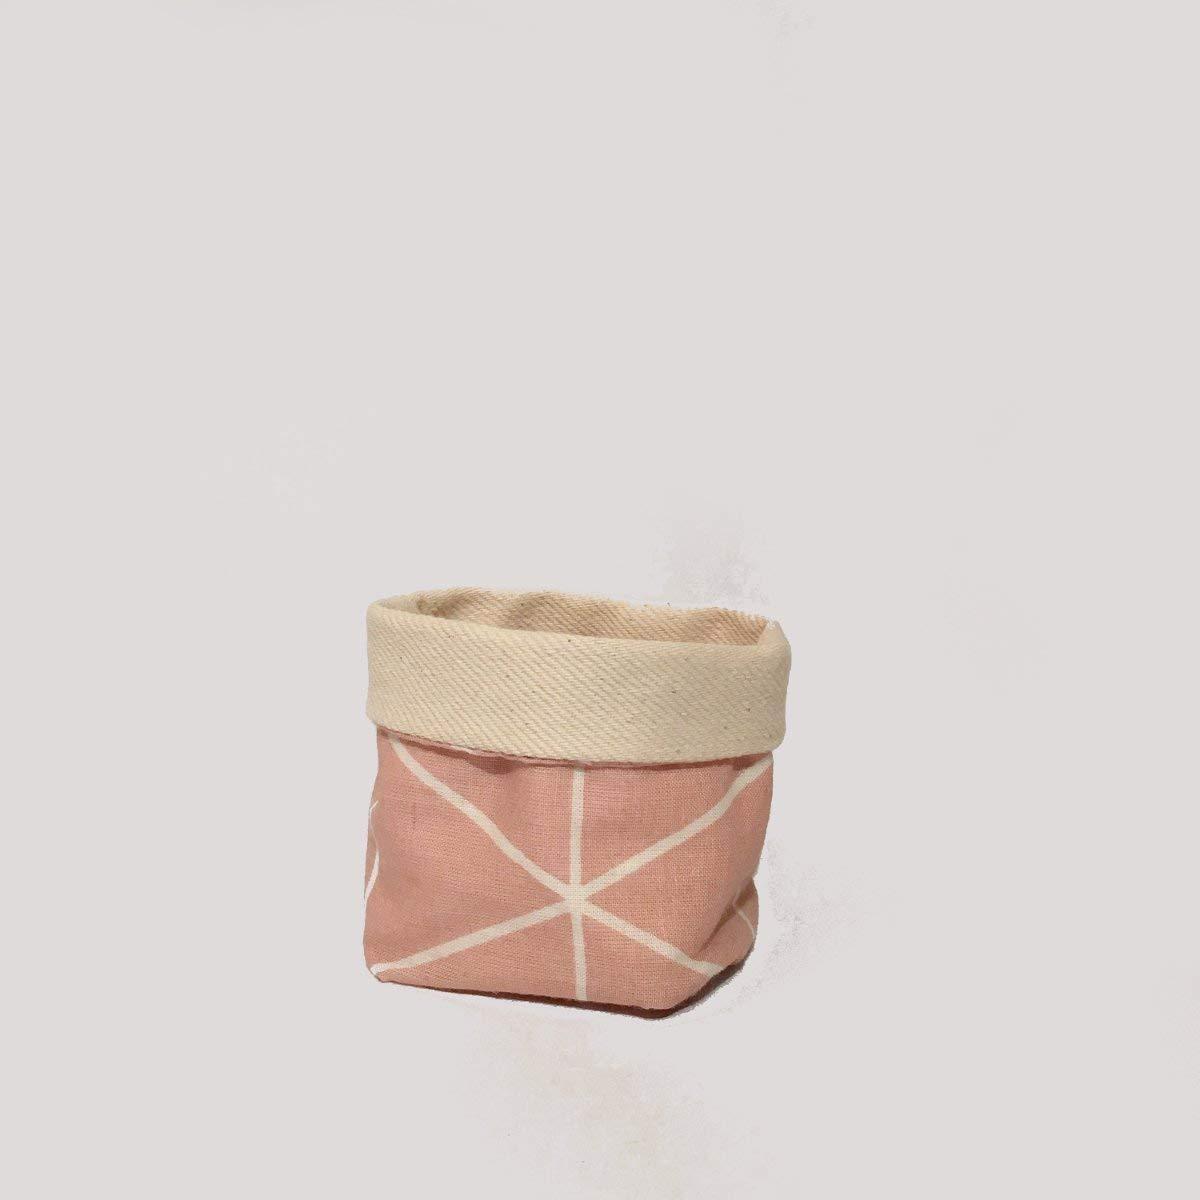 Handmade von Nuu Berlin I Aufbewahrungs-Box F/ür Bad Utensilo Rosa S I Stoff-K/örbchen Organizer Schlaf Und Kinder-Zimmer I 6 x 6 x 9 cm